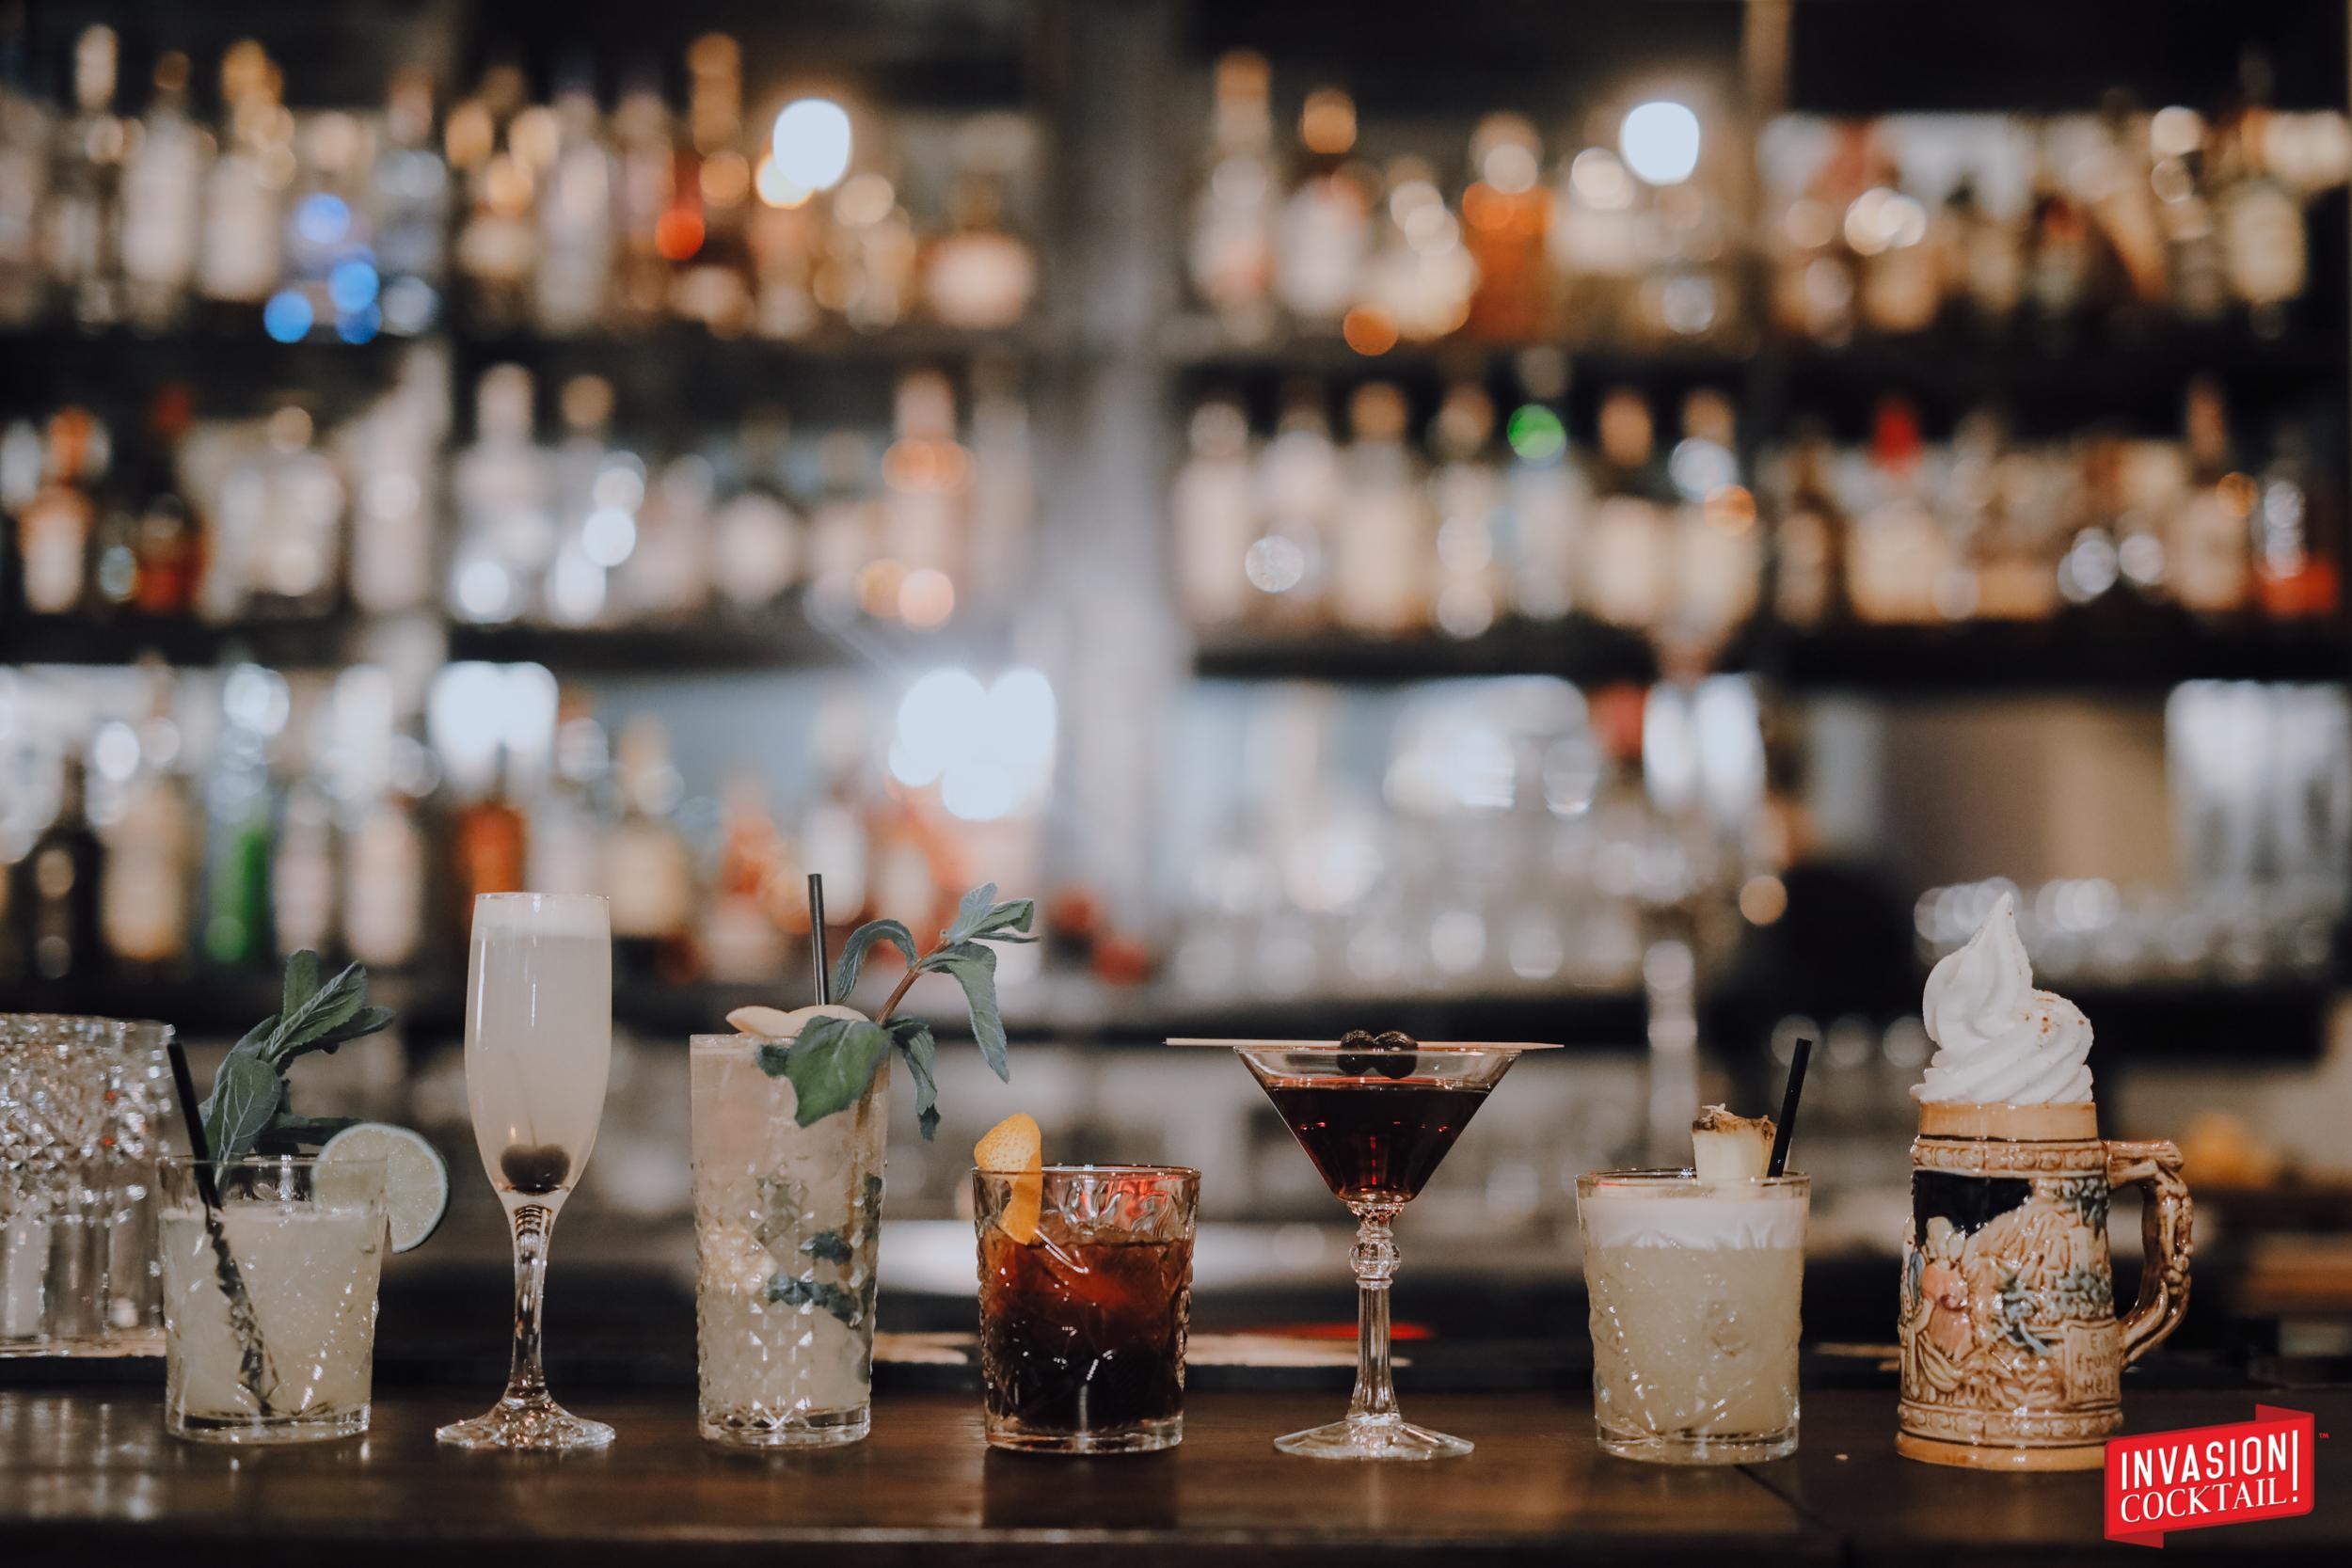 Le Speakeasy: Le resto/bar secret bien gardé de Montréal